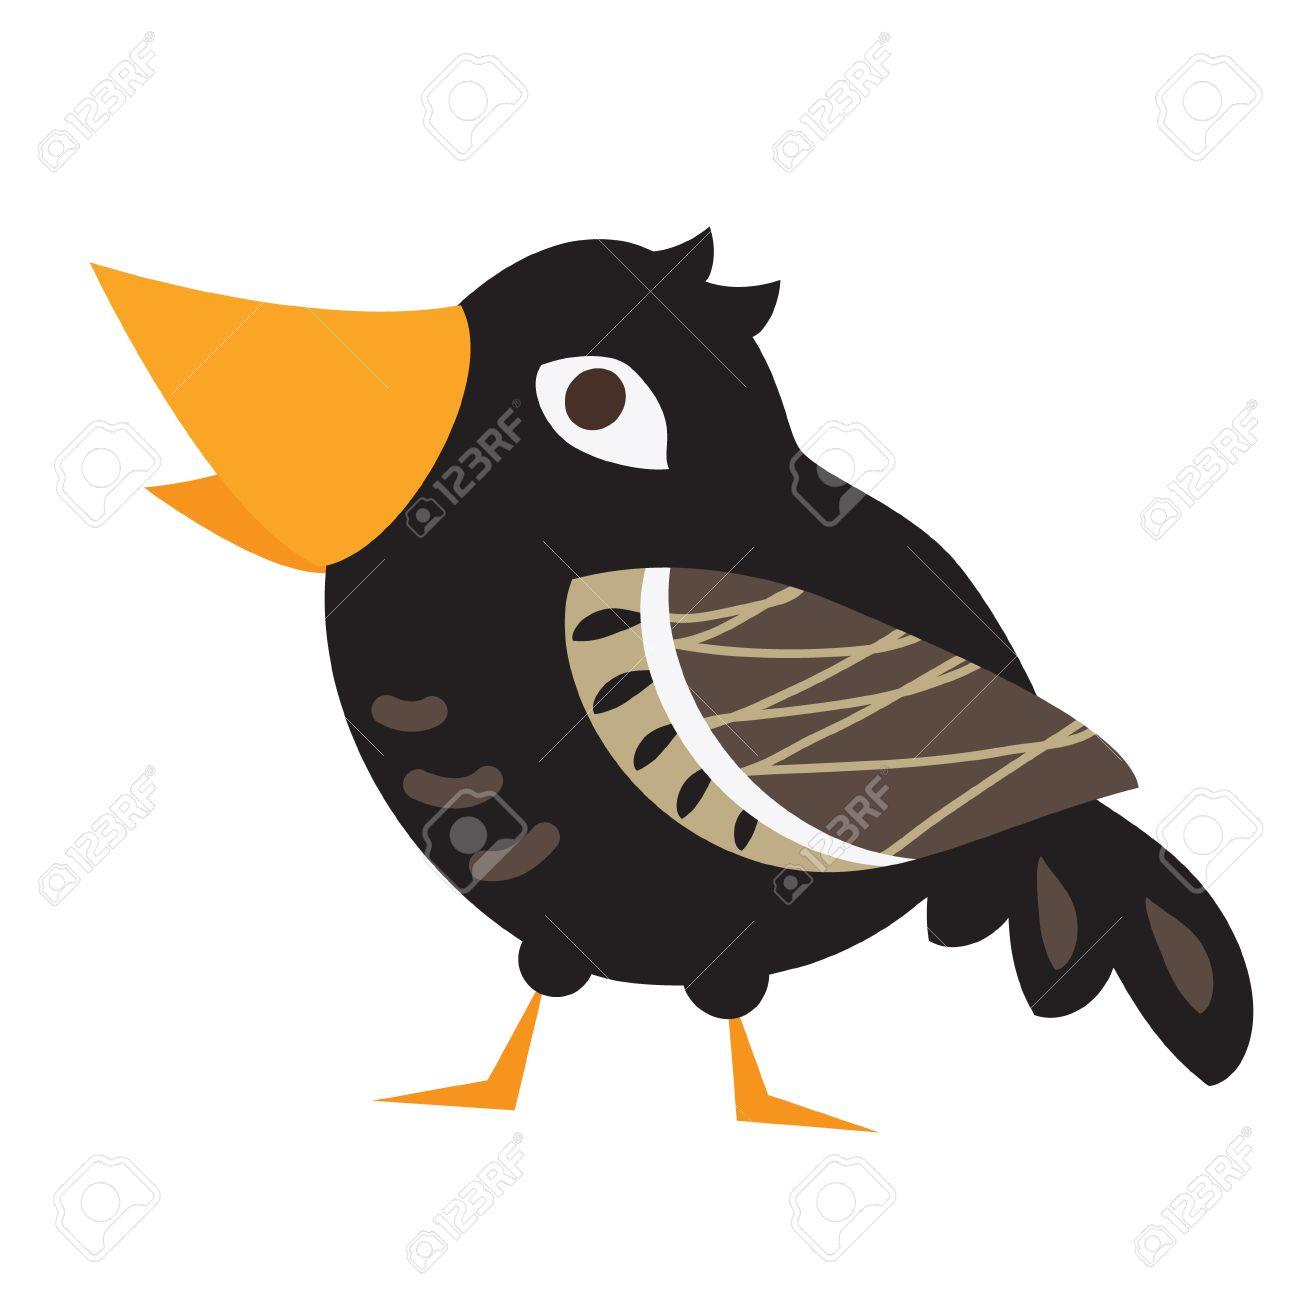 Eine Abbildung Eines Netten Krähe Im Format. Nizza Dcrow Vogelbild Für  Kinder Bildung Und Spaß